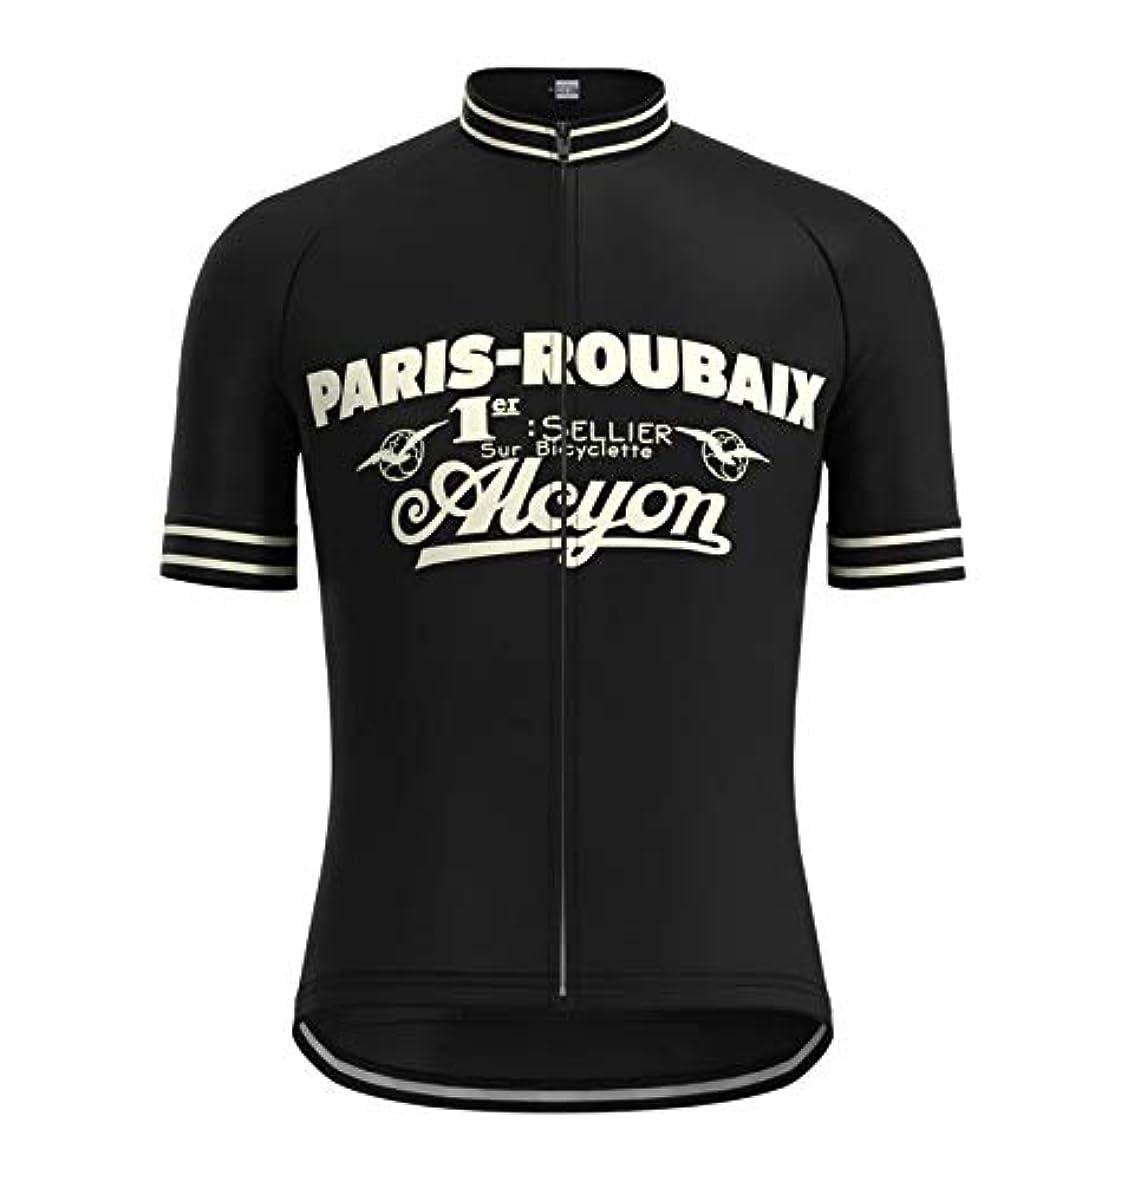 シャープせせらぎ闘争SUNRISE Clothing Co.(サンライズクロッシング) サイクルジャージ レトロデザイン No89 フランス メンズ 半袖 クールマックス仕様 自転車 MTB サイクリング ロードバイク